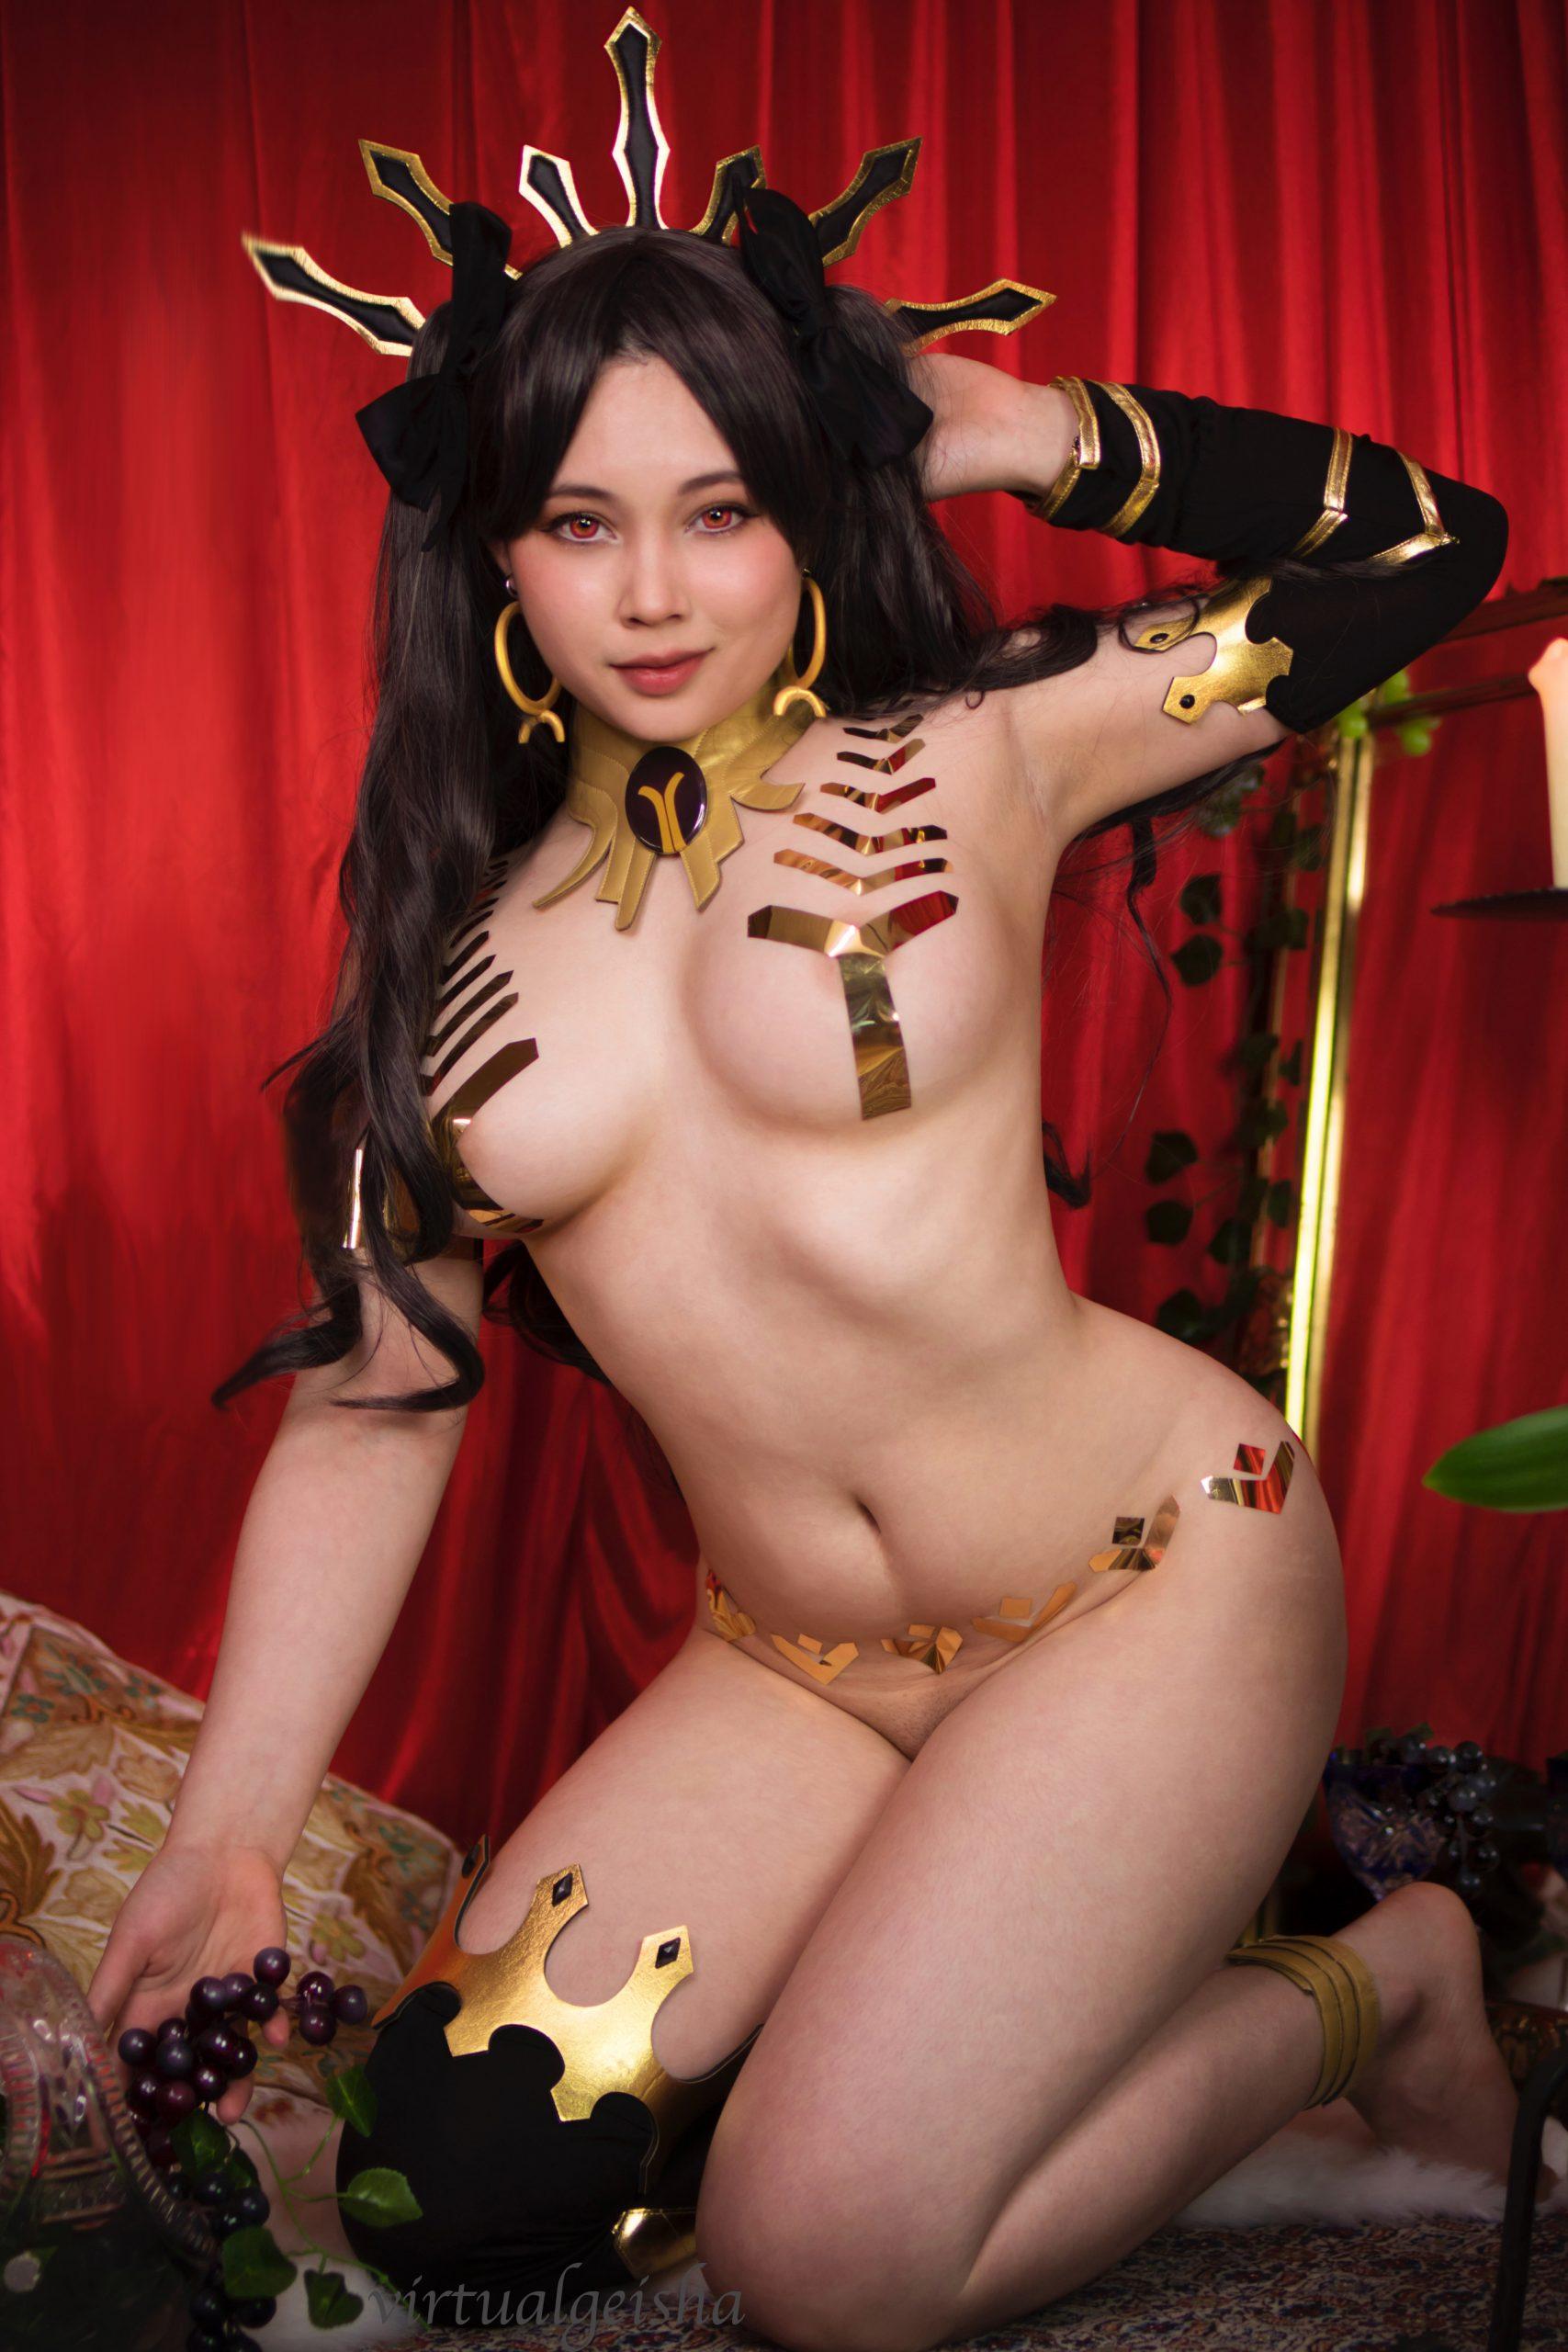 Virtual Geisha As Ishtar